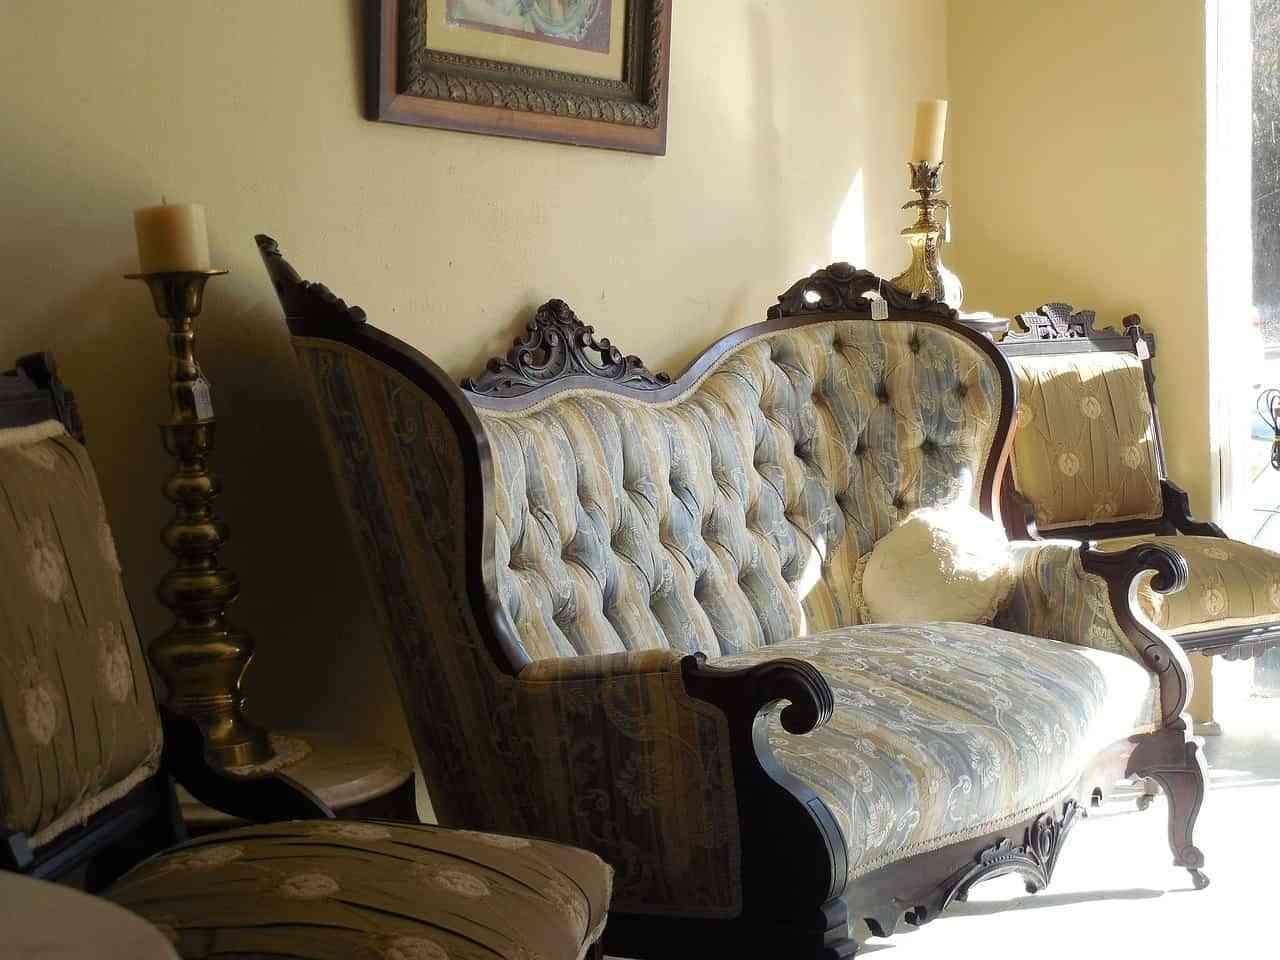 Para evocar el estilo victoriano los muebles lujosos estilo francés son los ideales para agregar en el salón.